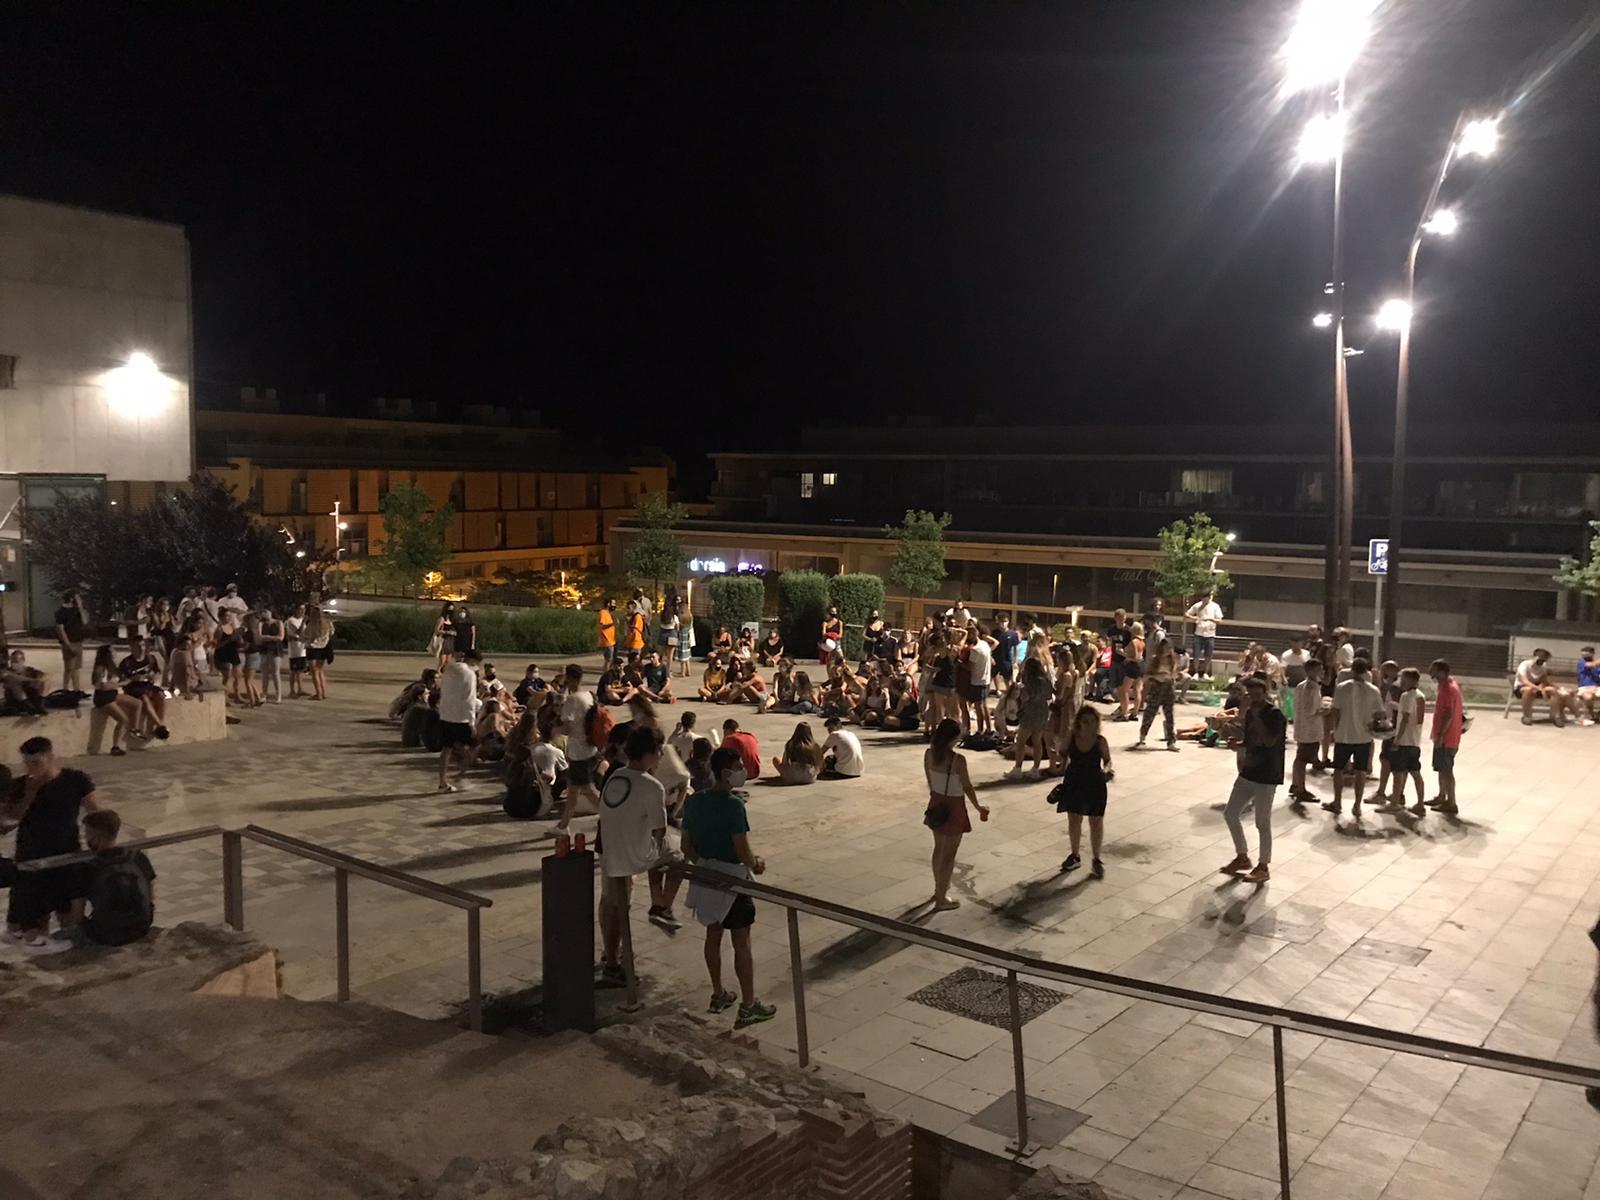 Fiesta en las calles de Mataró a pesar de las restricciones por los rebrotes